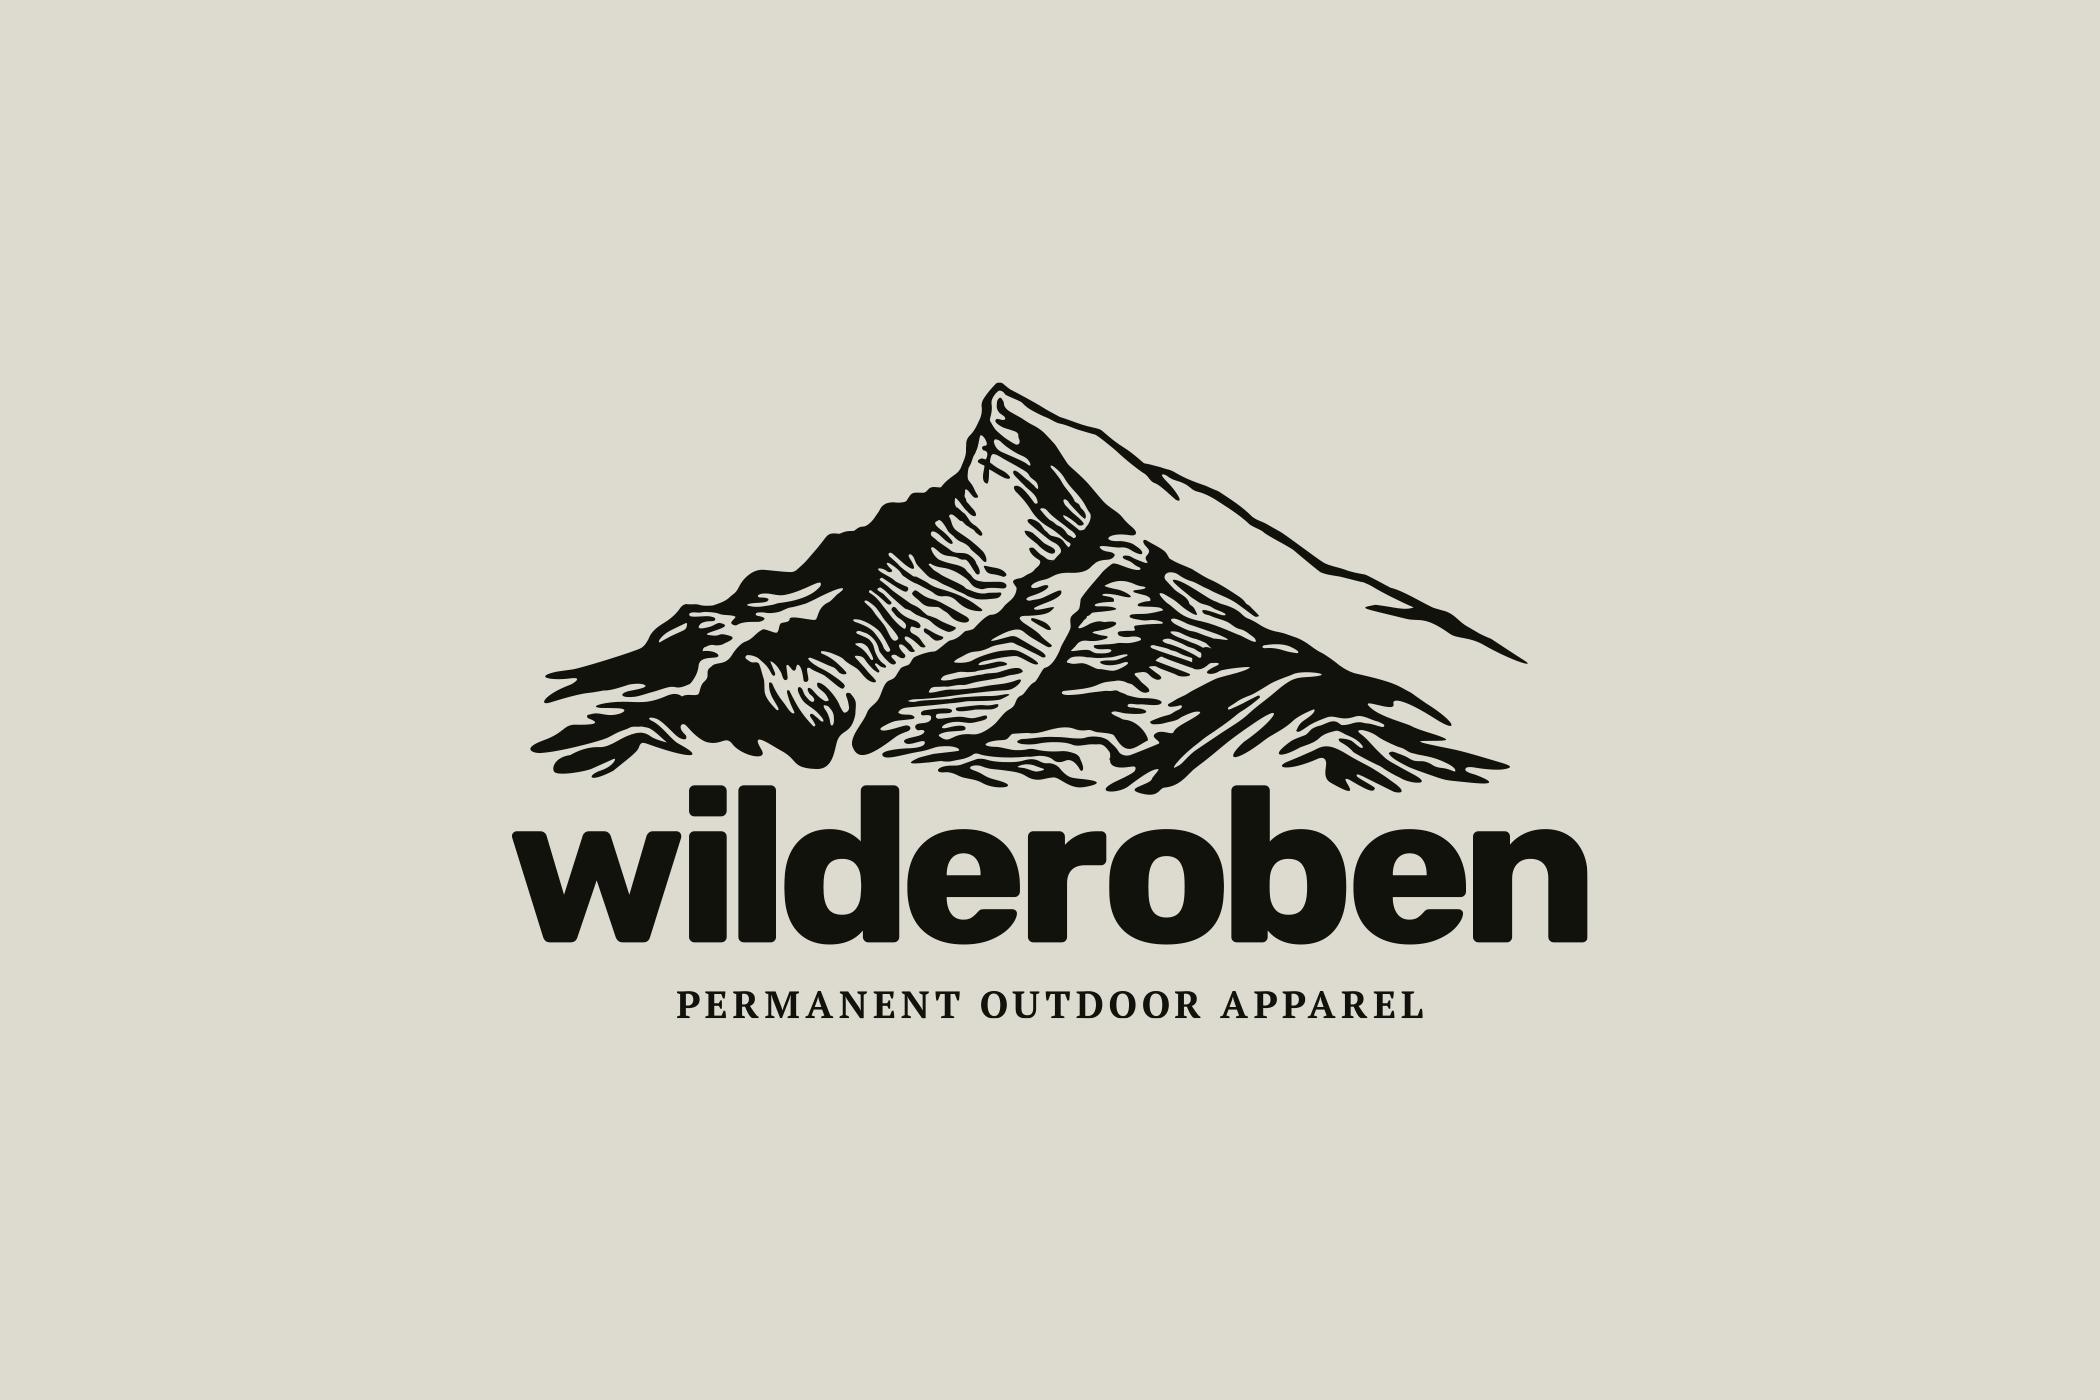 Wilderoben